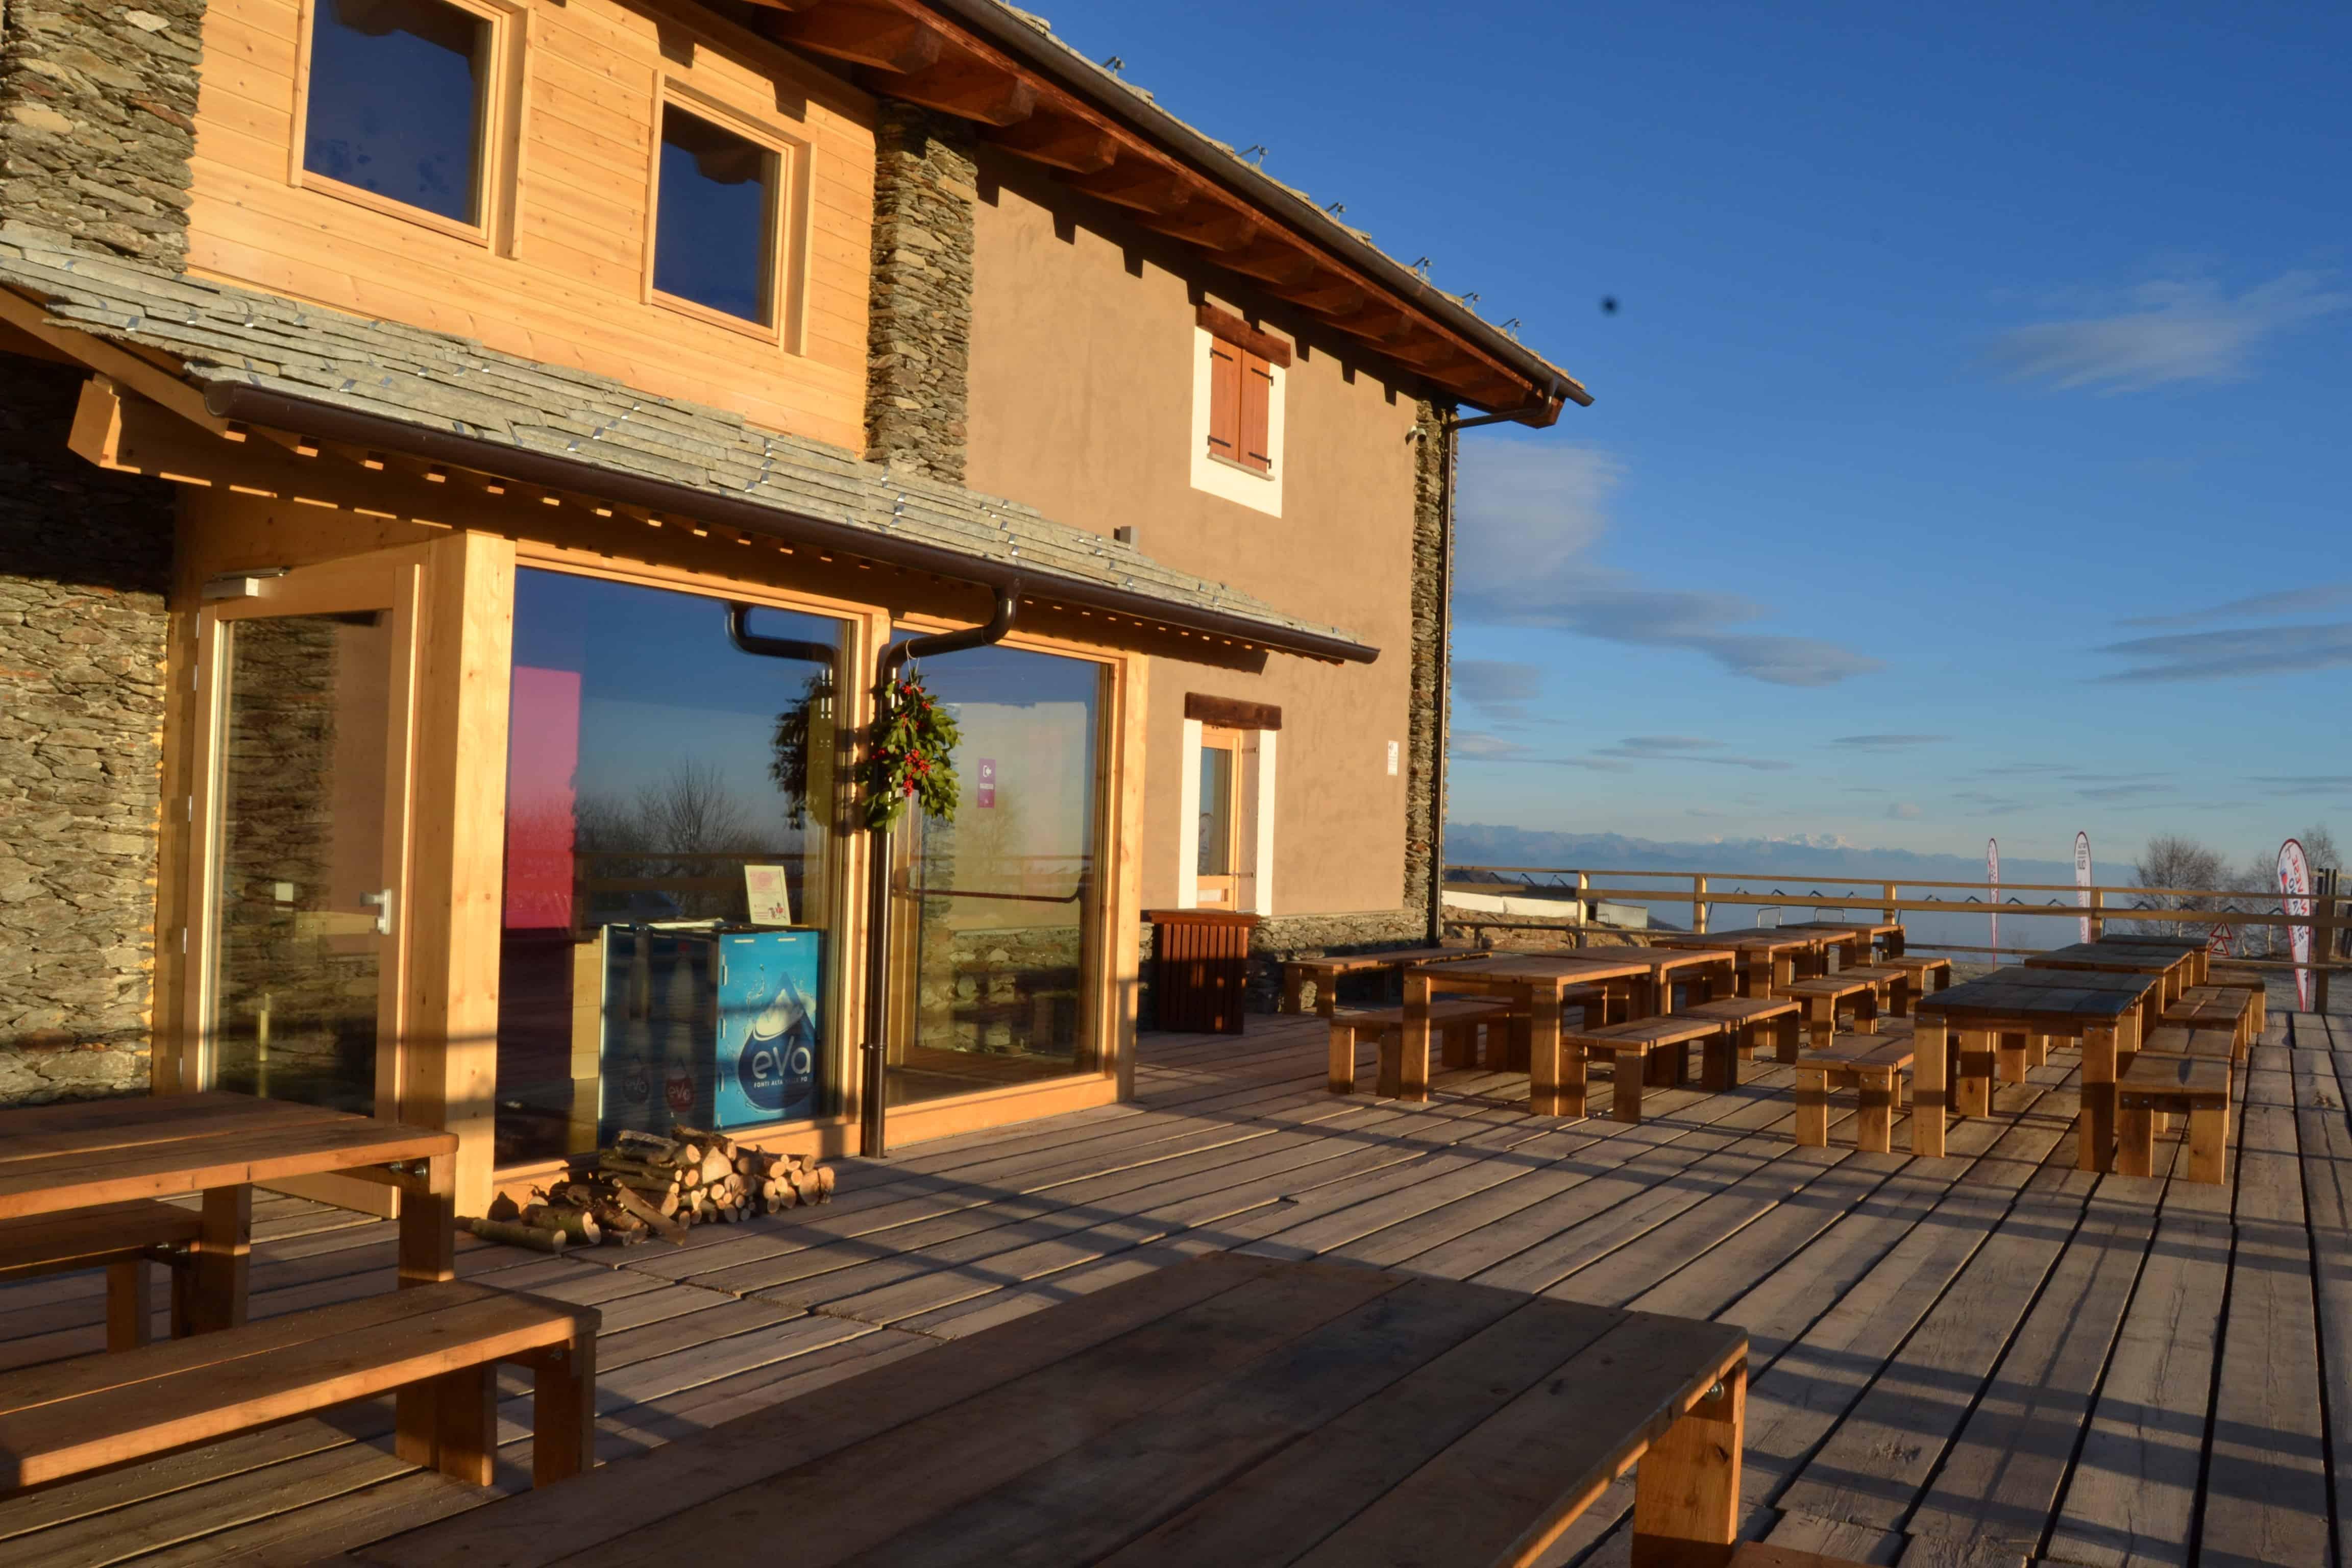 Mangiare in baita 10 indirizzi da non perdere for Rifugio in baita di montagna